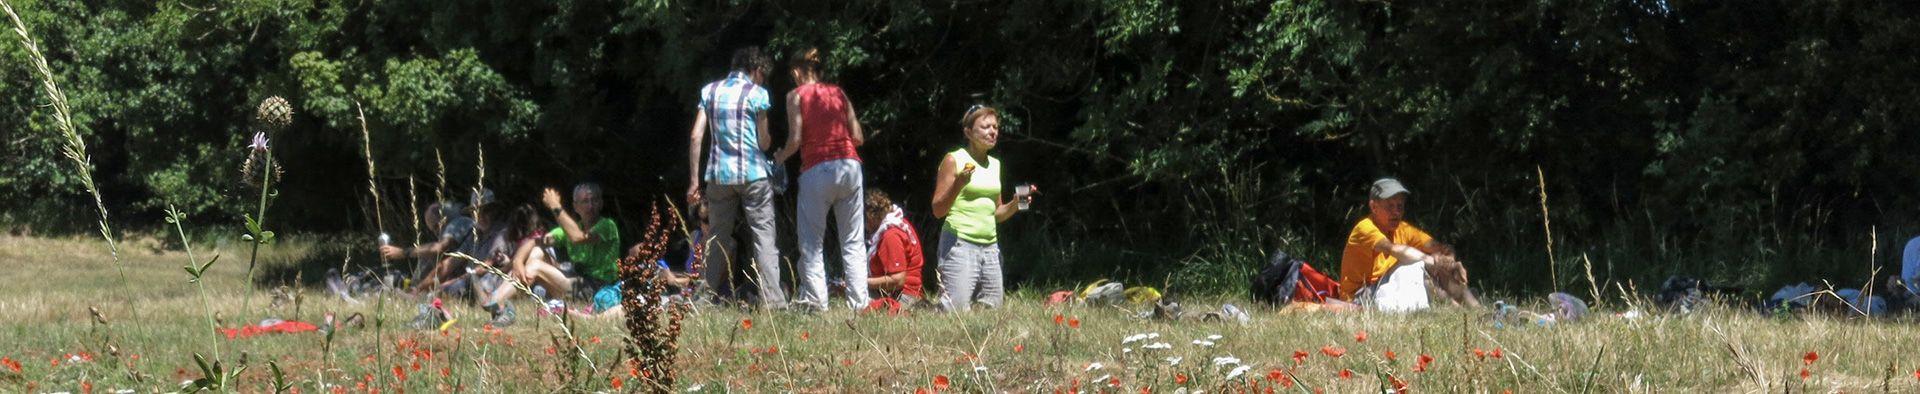 Randonneurs en pause dans un champ de coquelicots